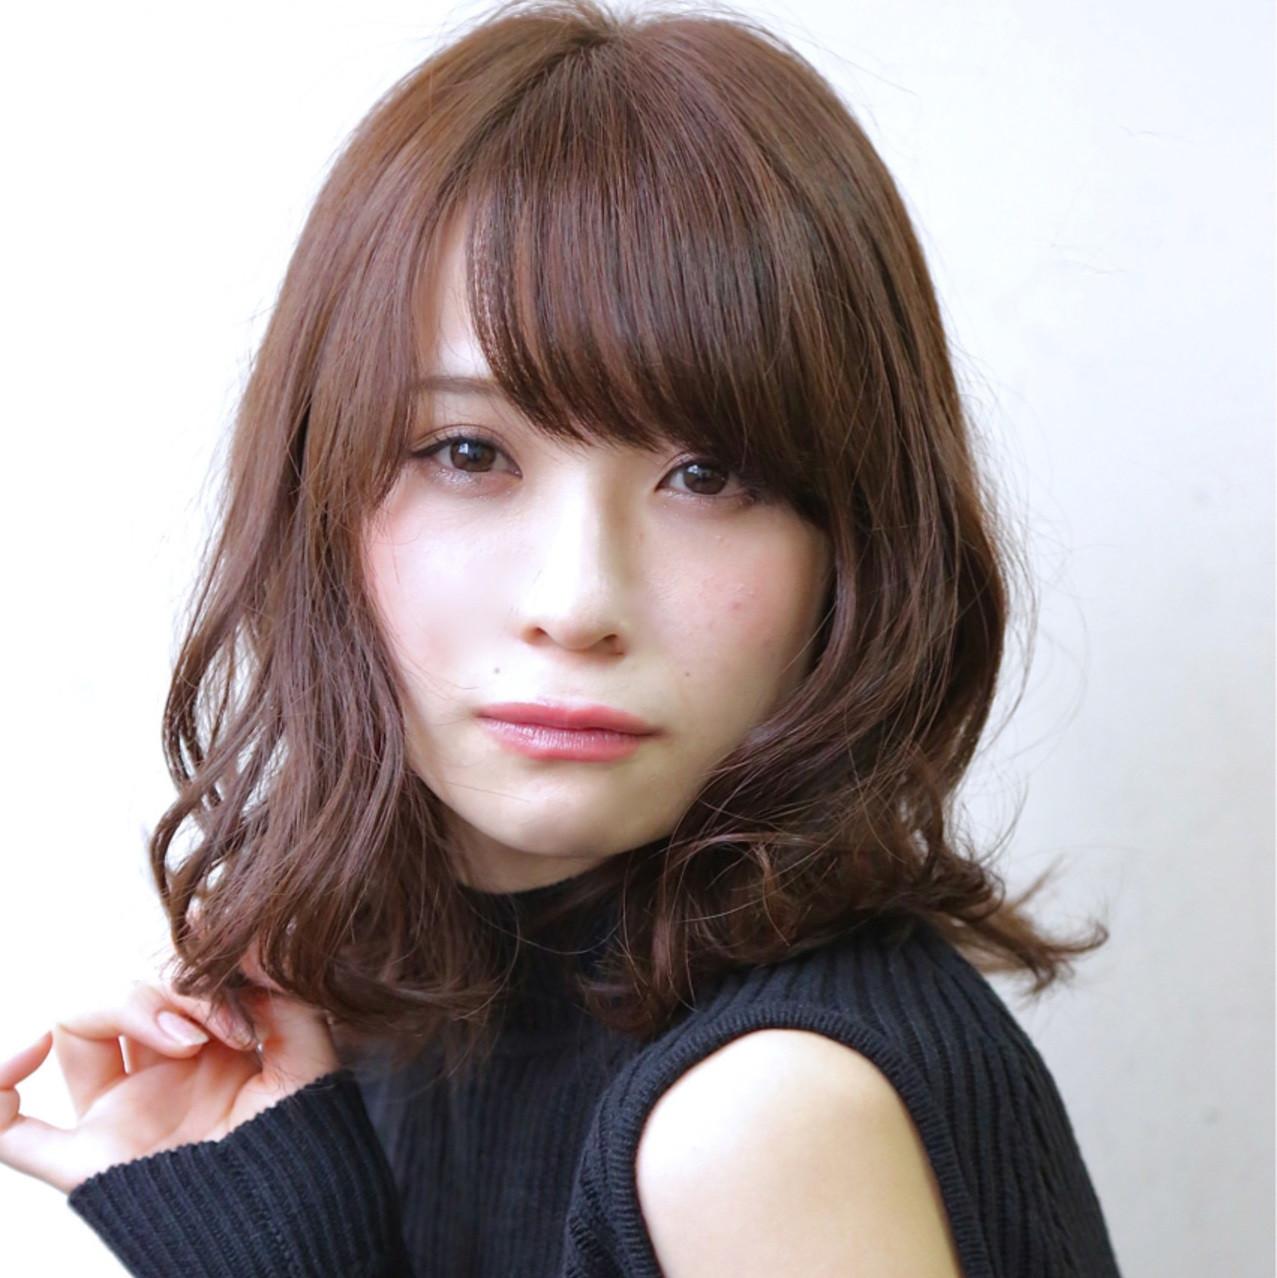 かわいいヘアスタイルまとめ 今一番旬な女の子の髪型はこれ Hair